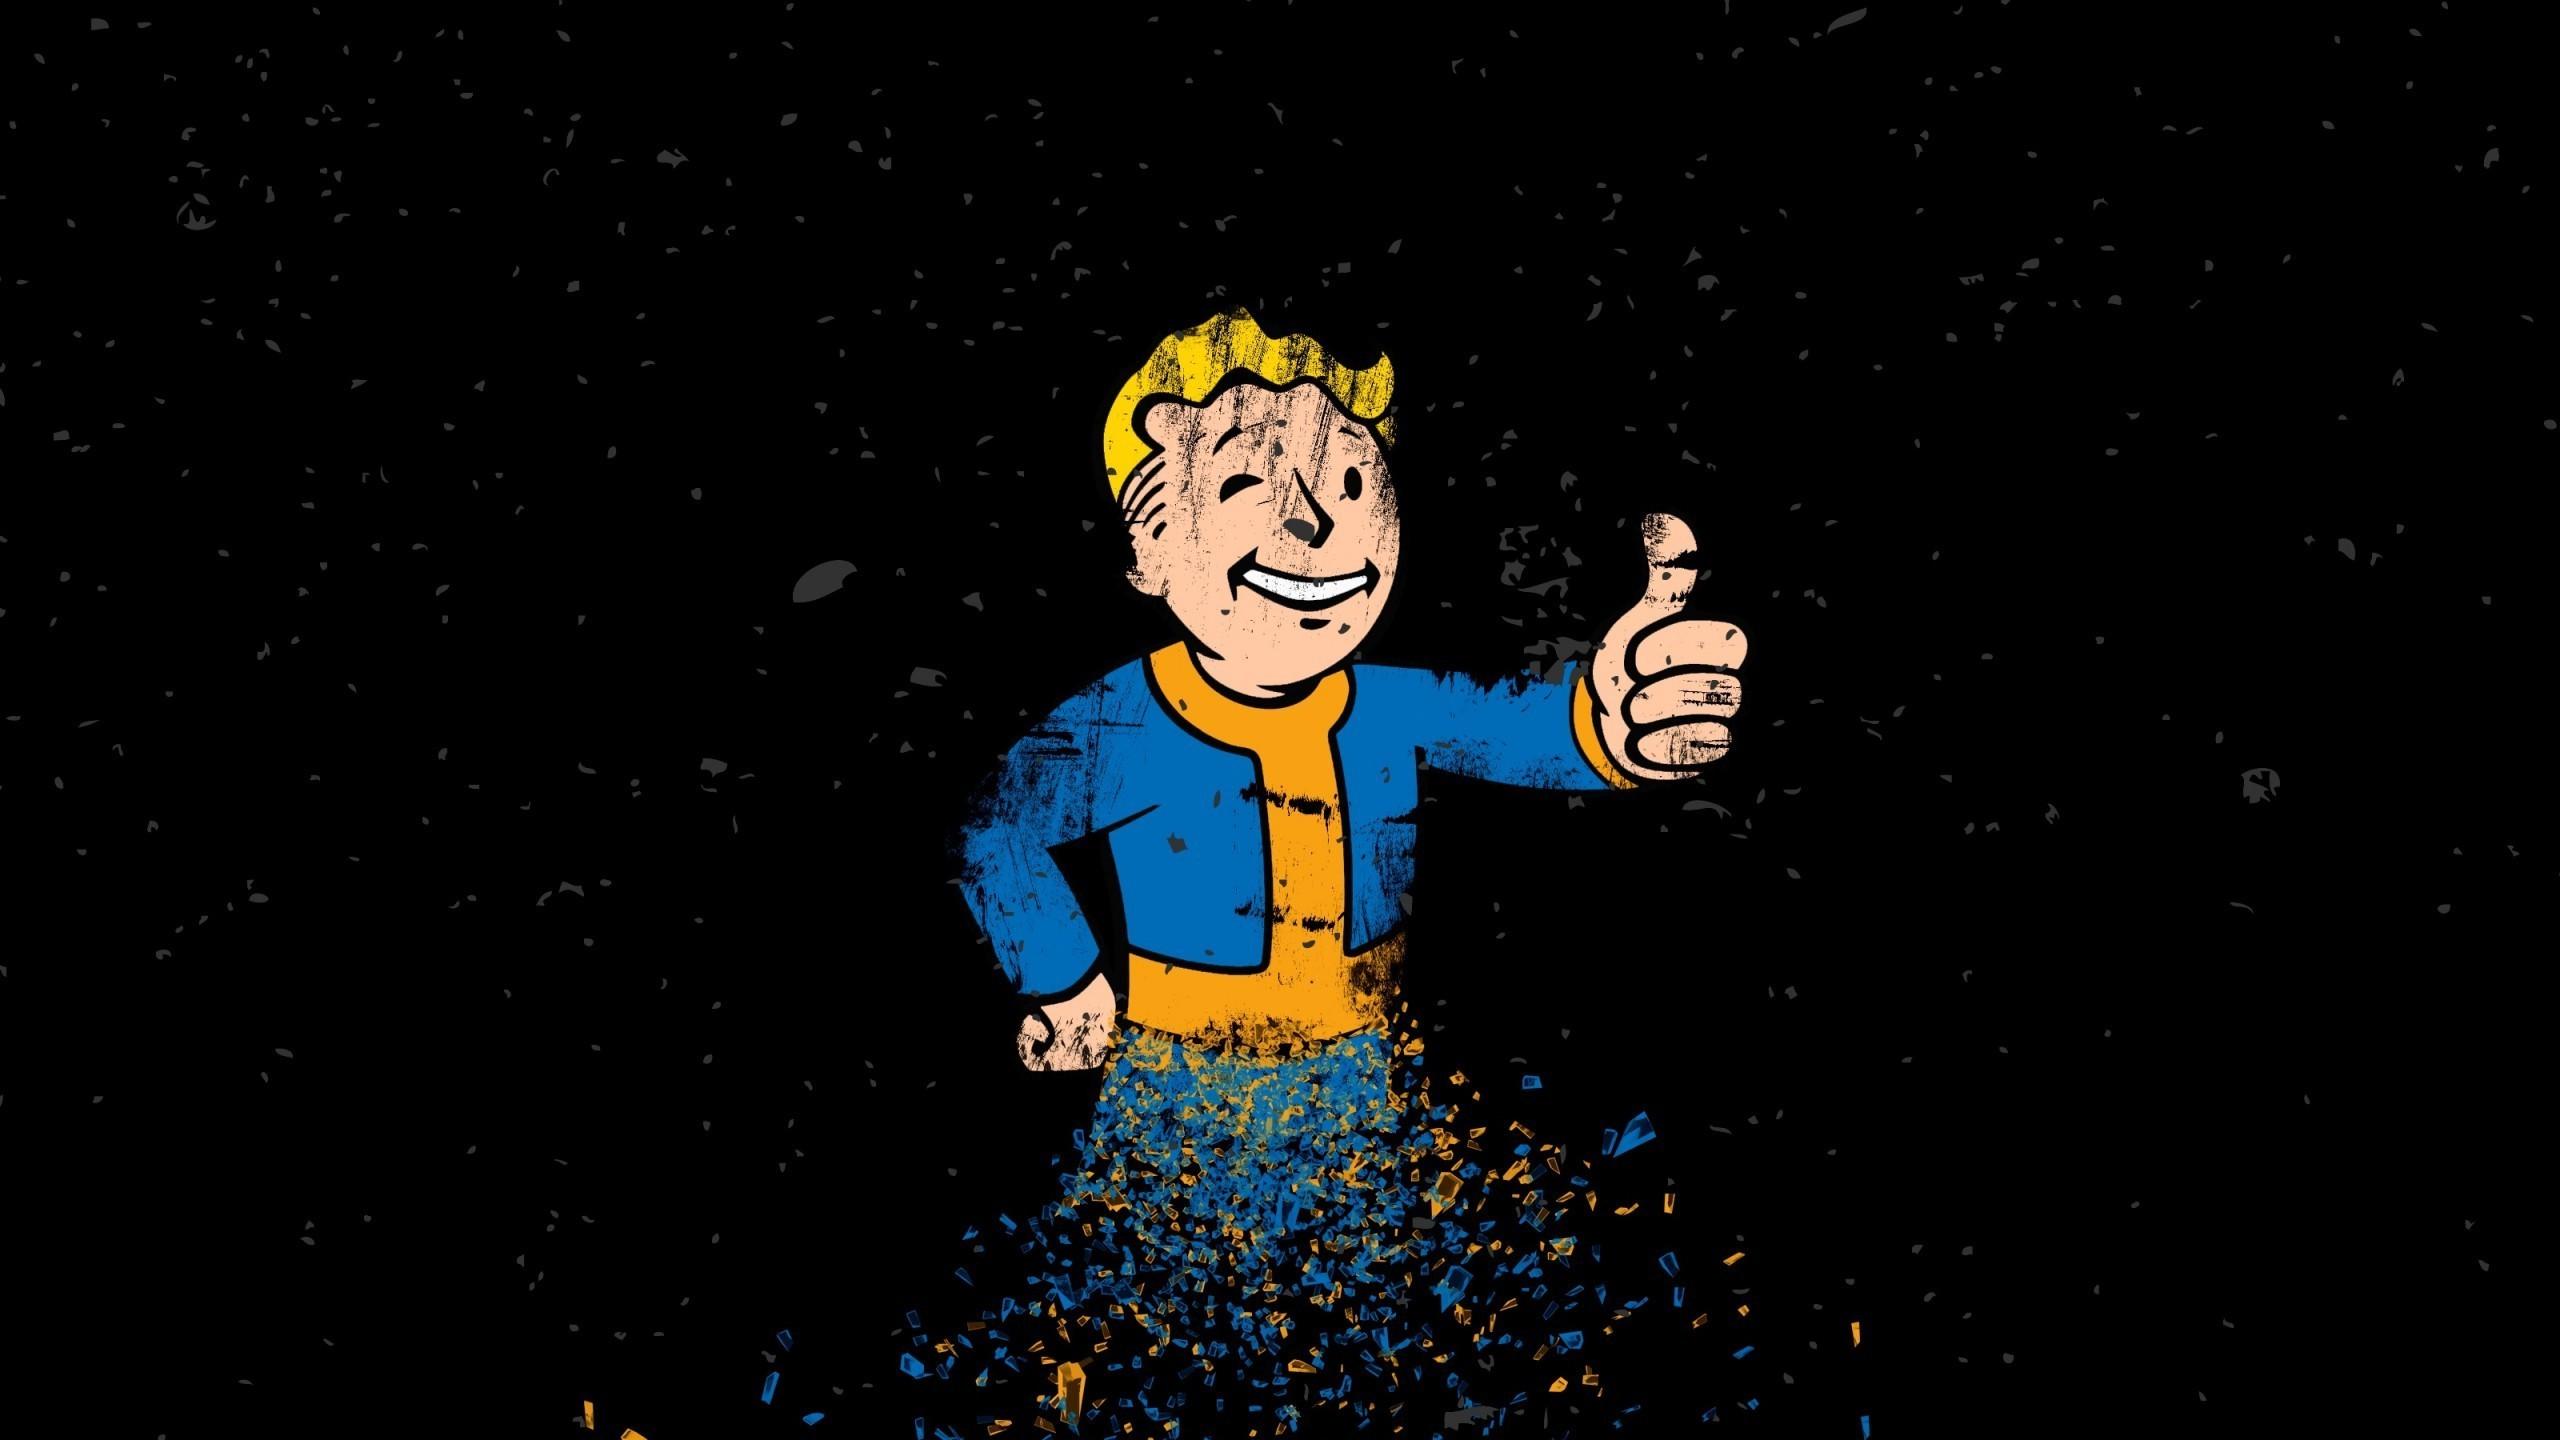 Fall Out Boy Wallpaper Iphone 5 Vault Boy Video Games Fallout 4 Wallpapers Hd Desktop